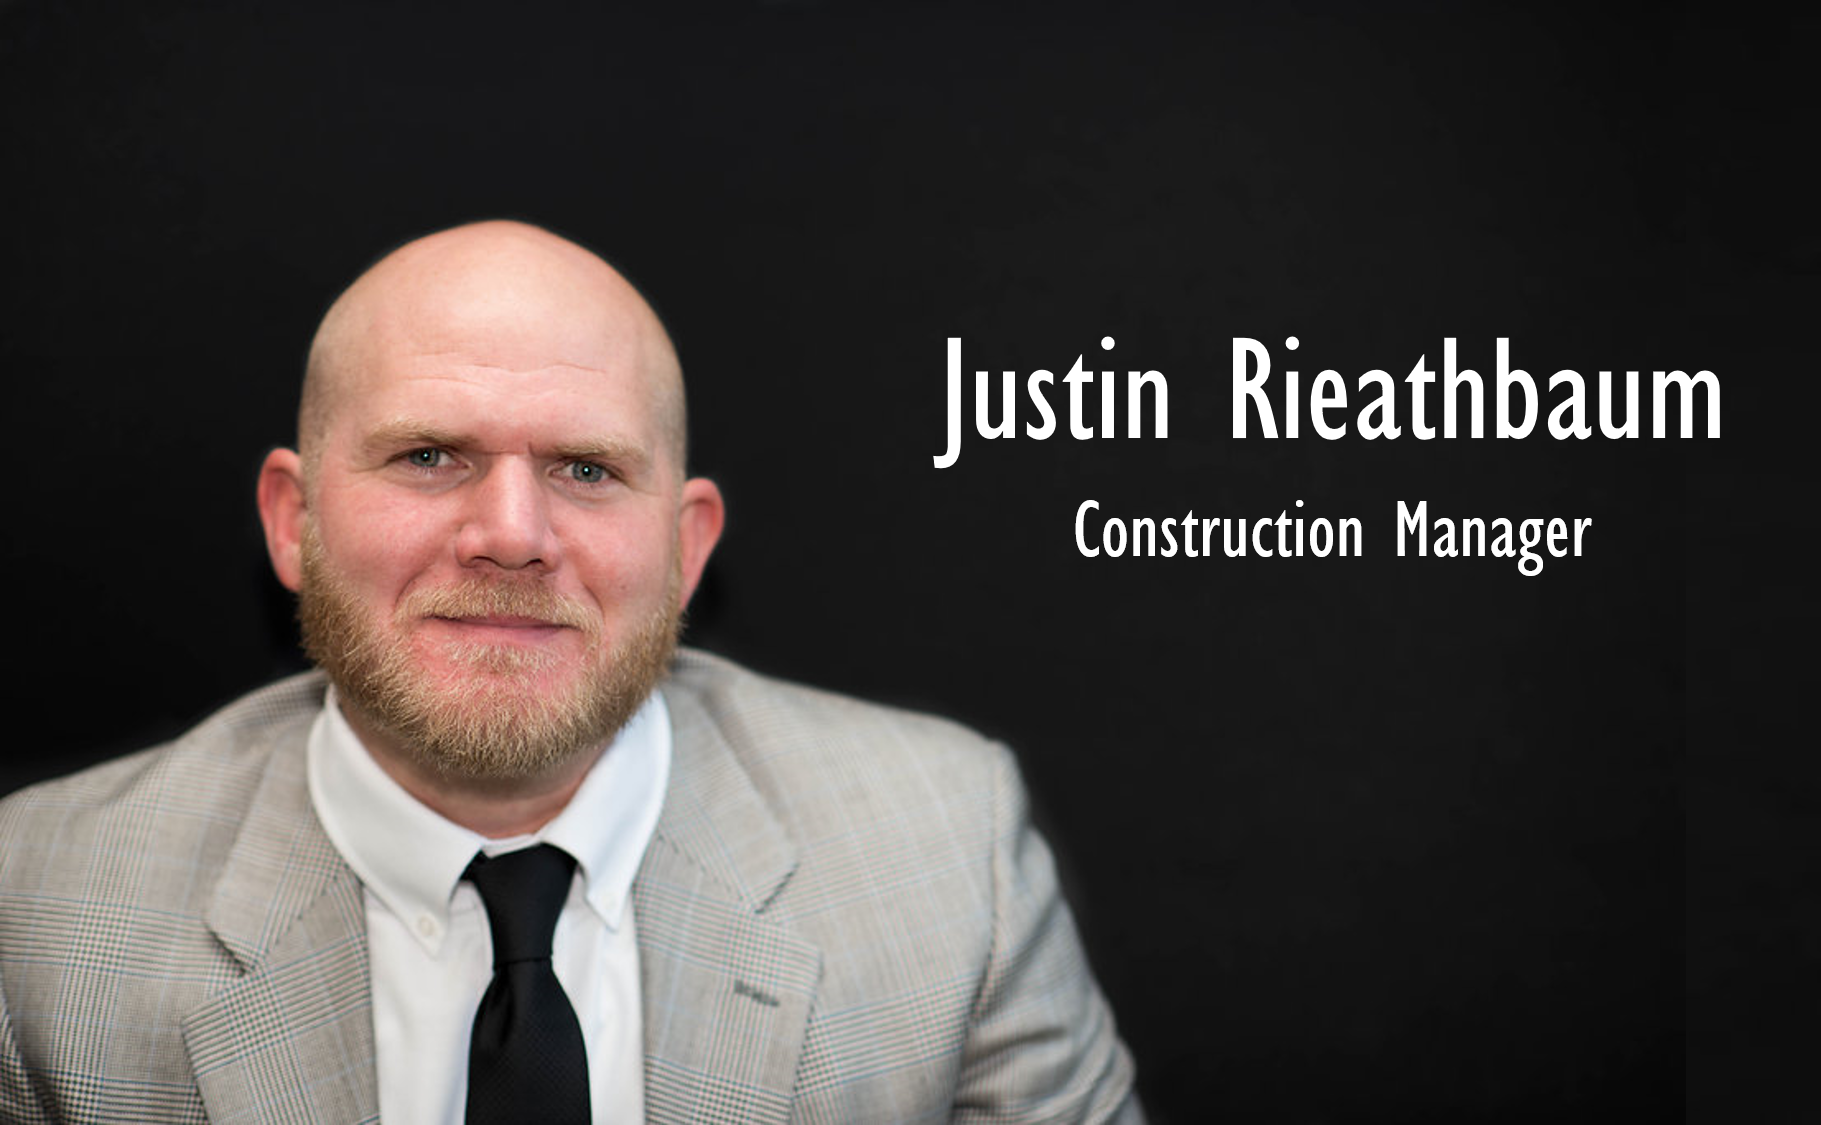 Justin Rieathbaum